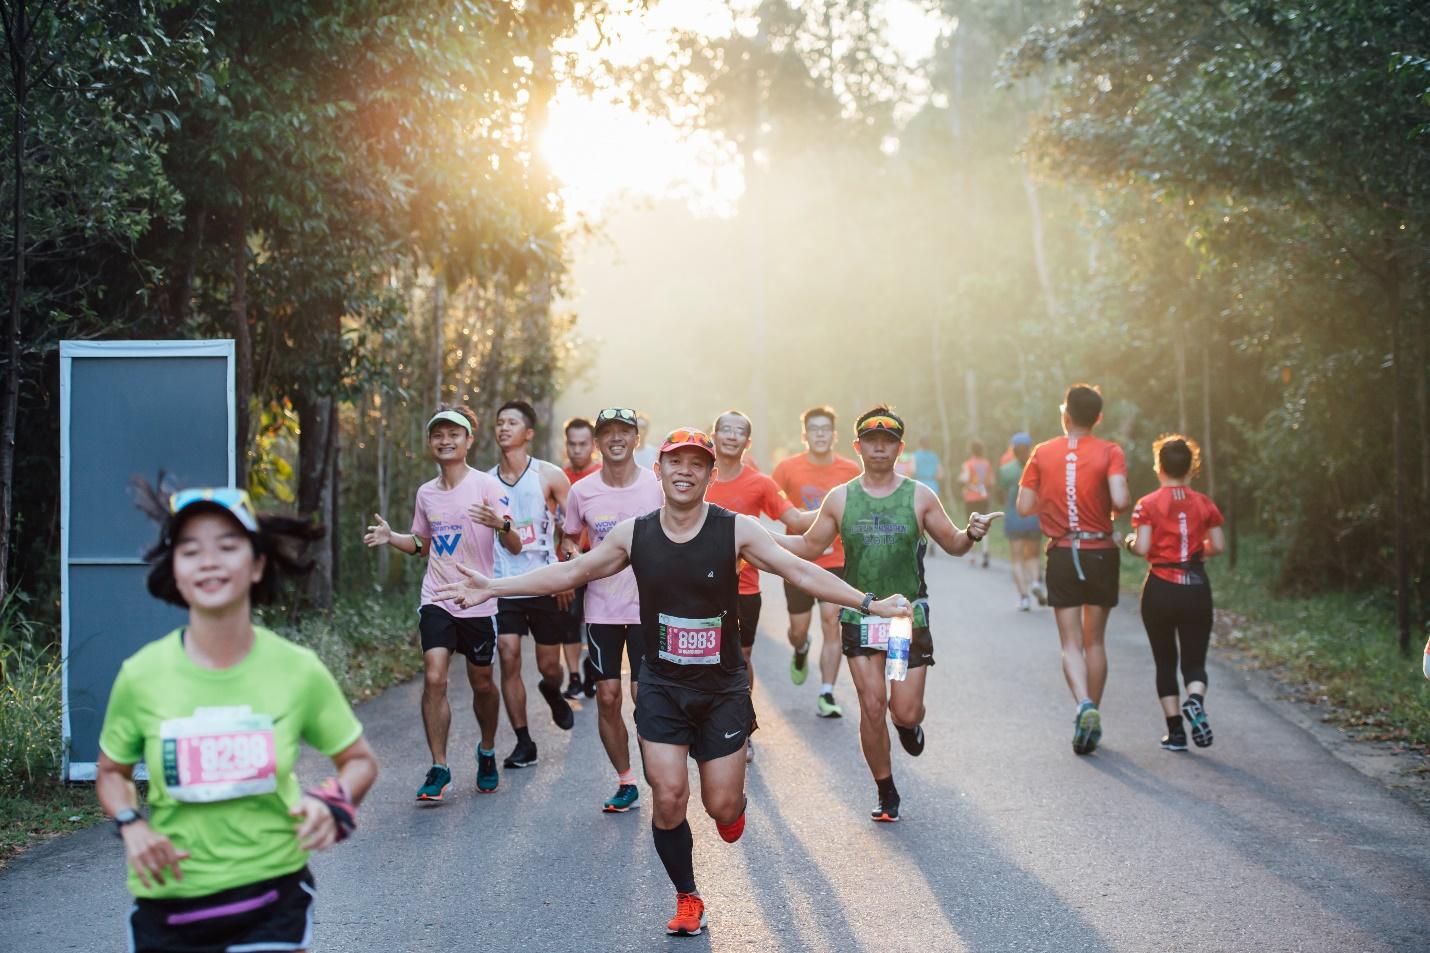 Phu Quoc WOW Island Race 2021 – Đường chạy có 1 – 0 – 2 tại Phú Quốc & chuyến nghỉ dưỡng thiên đường cho gia đình cùng chiến hữu - Ảnh 2.